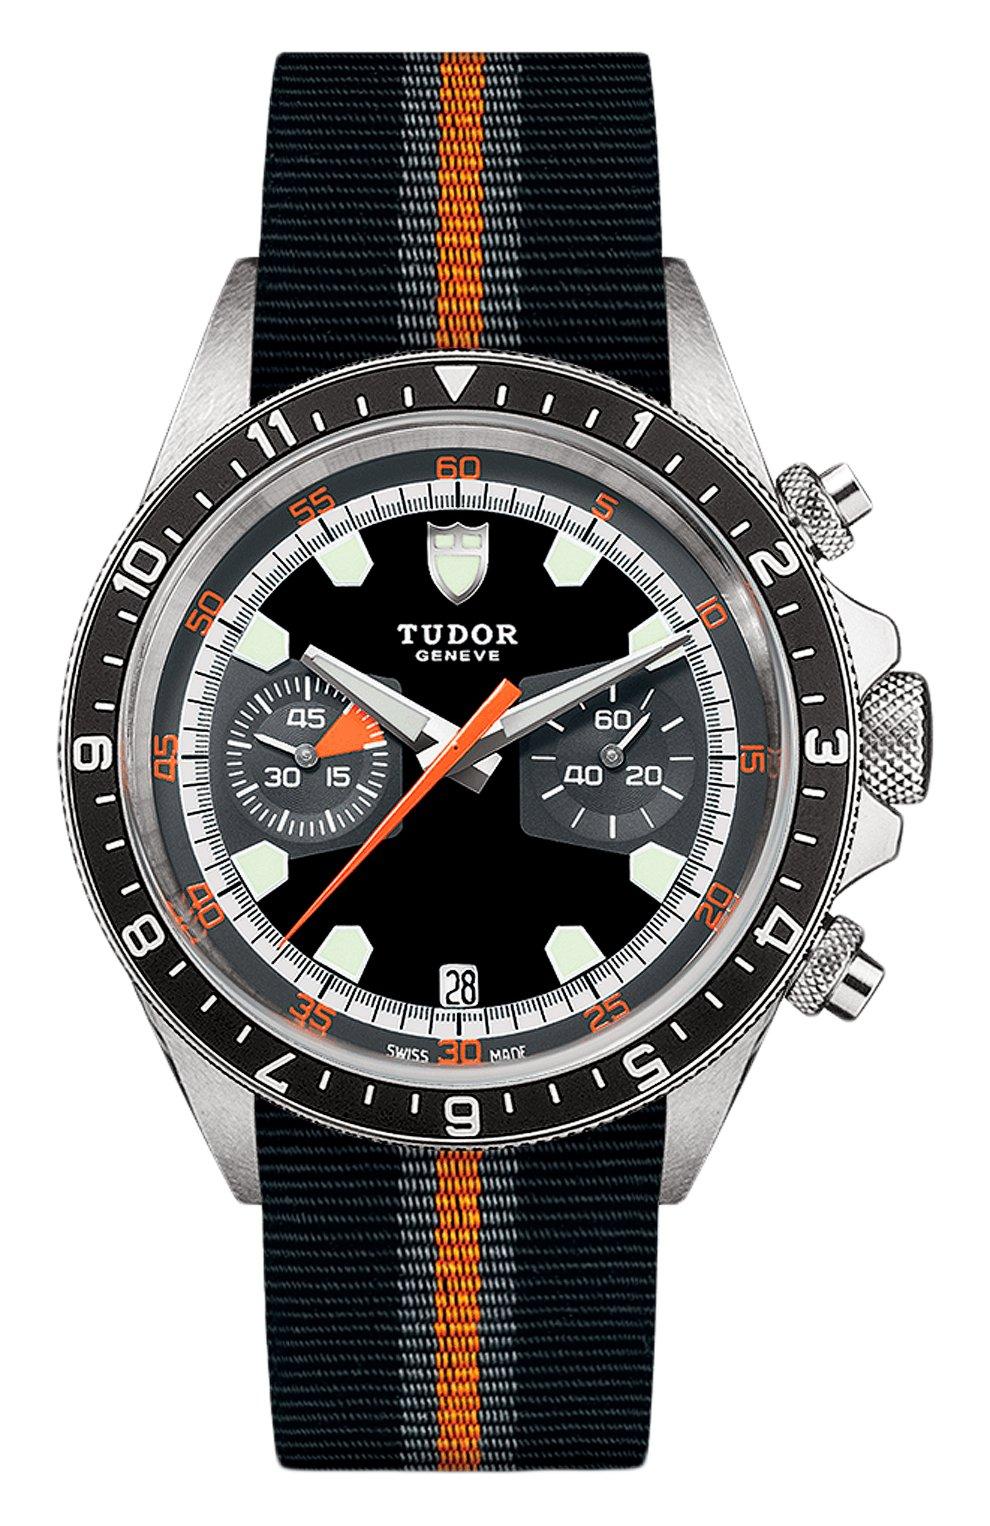 Мужские часы chrono TUDOR бесцветного цвета, арт. 70330N/BLACK FABRIC STRAP GREY AND ORANGE/BLACK GR | Фото 1 (Механизм: Автомат; Материал корпуса: Сталь; Цвет циферблата: Чёрный)